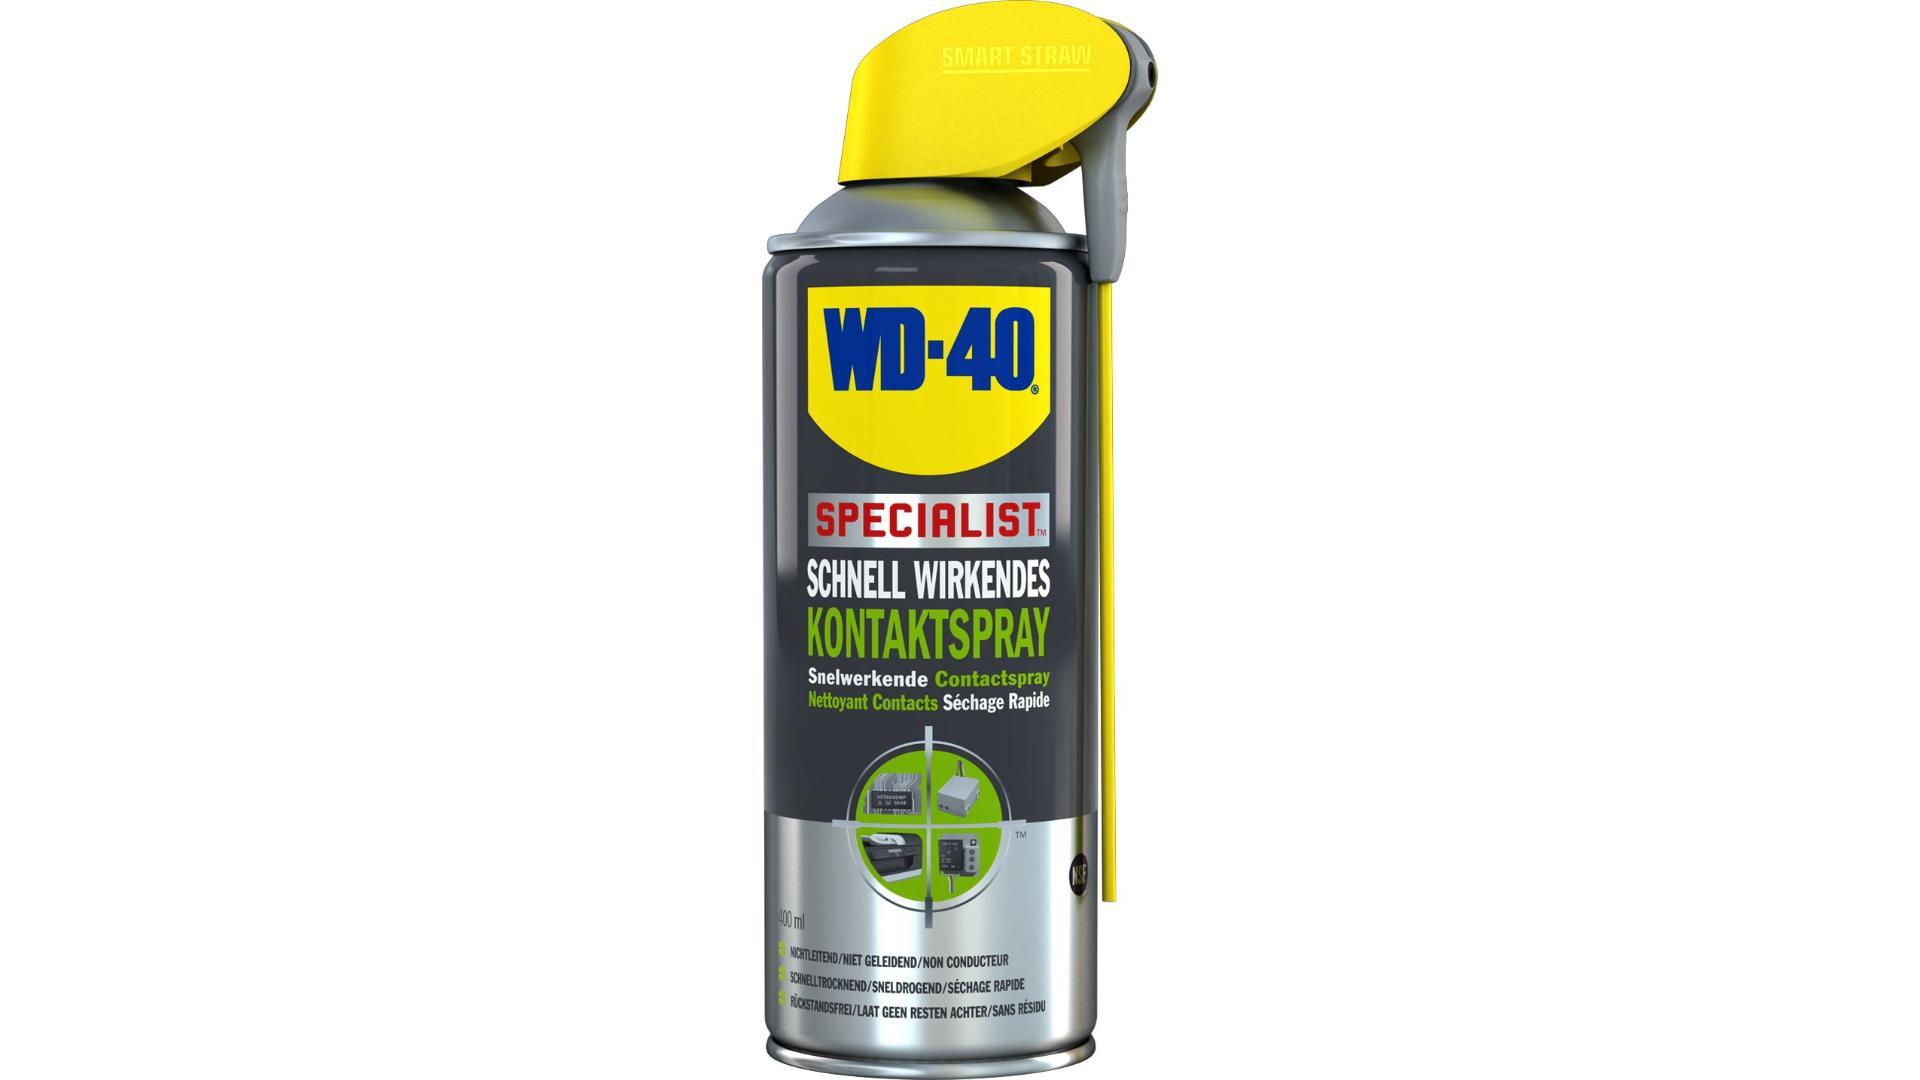 WD-40 Univerzální mazací sprej Specialist WLG